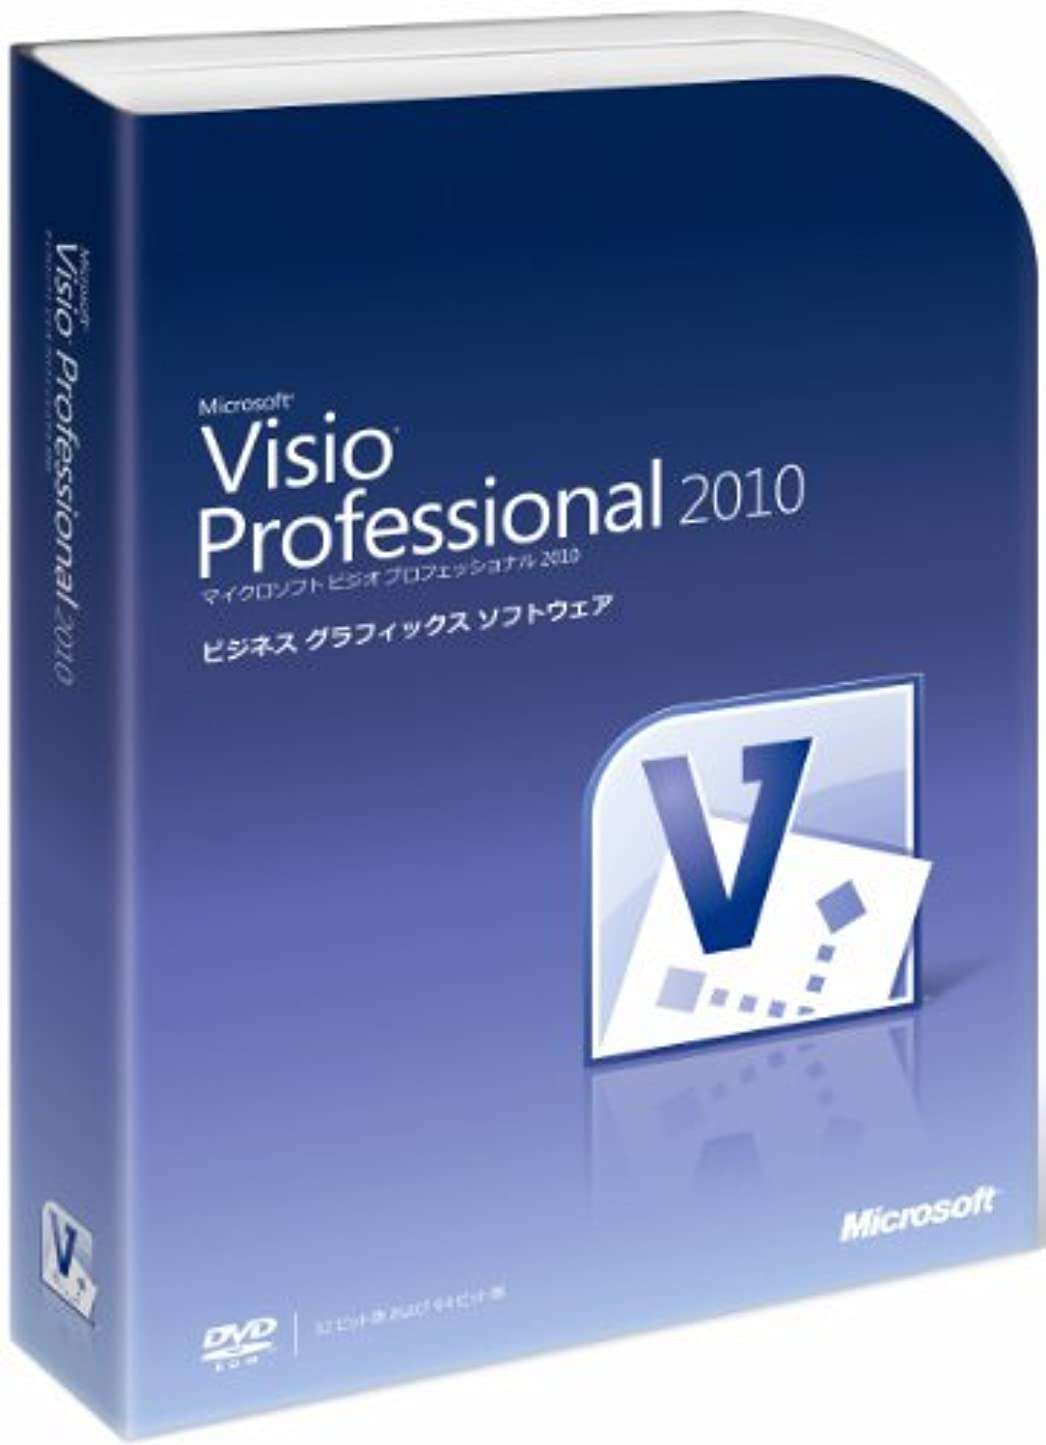 みがきます性別敬意を表して【旧商品】Microsoft Office Visio Professional 2010 通常版 [パッケージ]